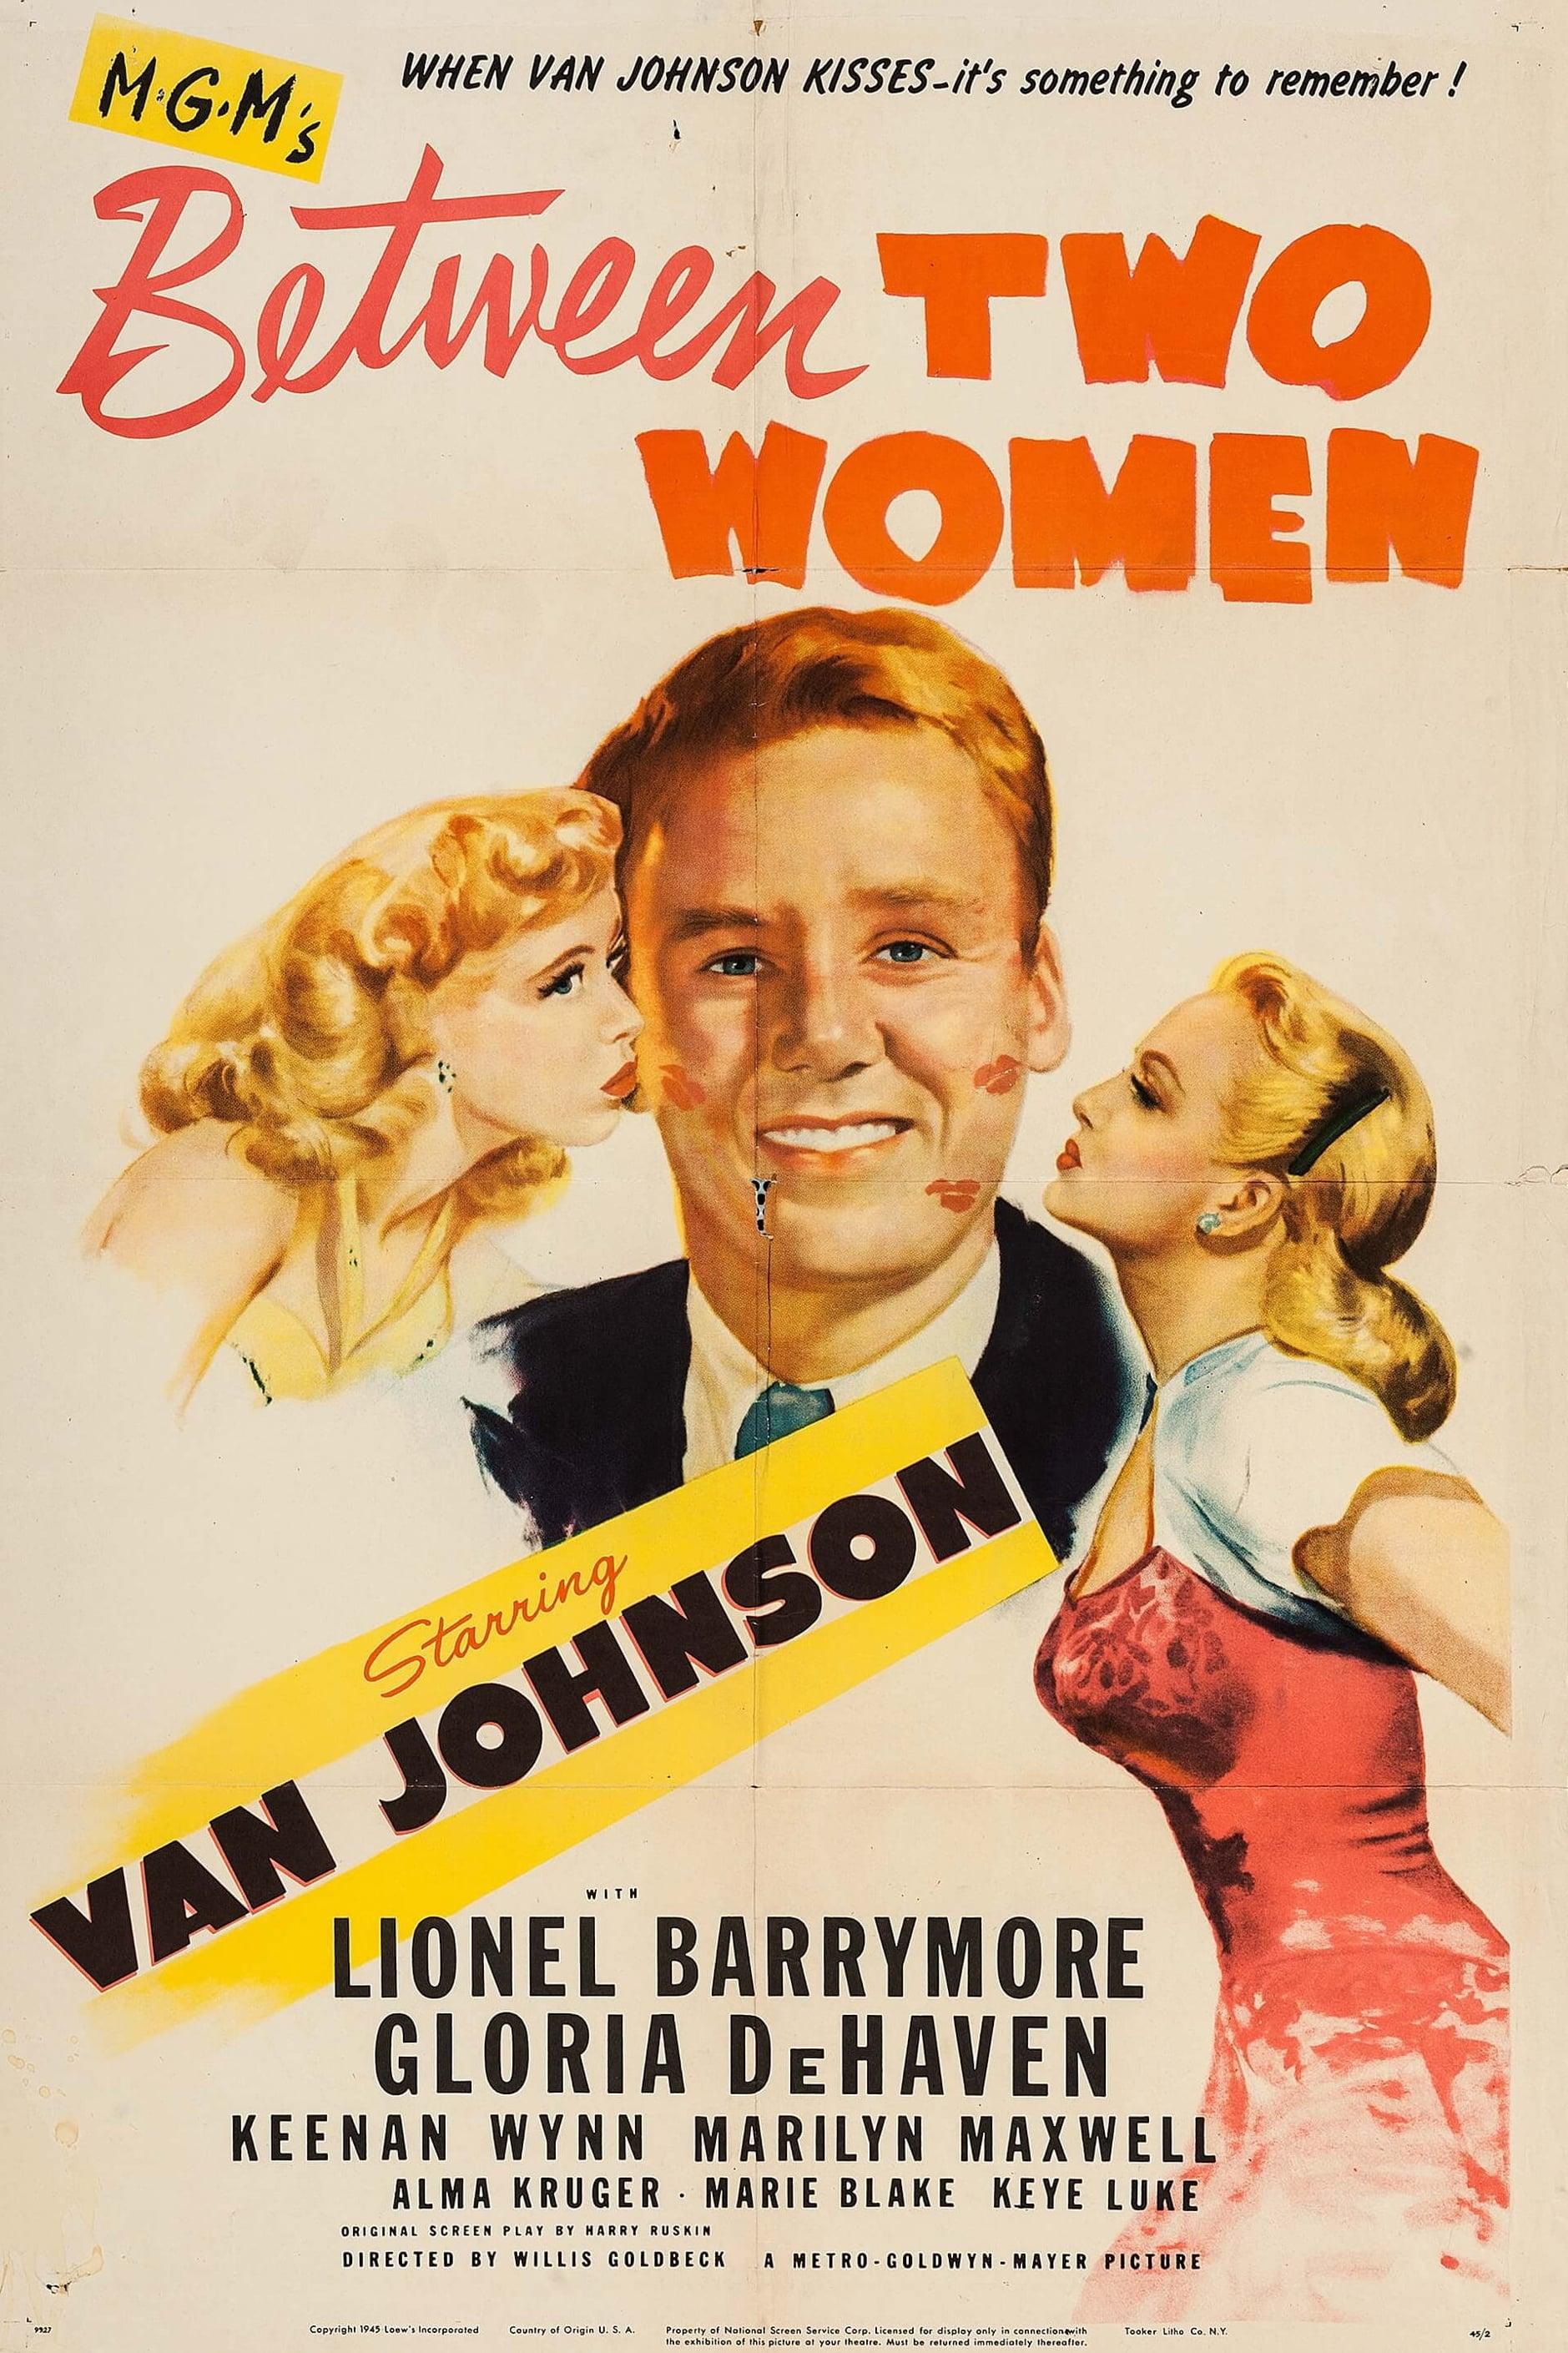 Between Two Women (1945)